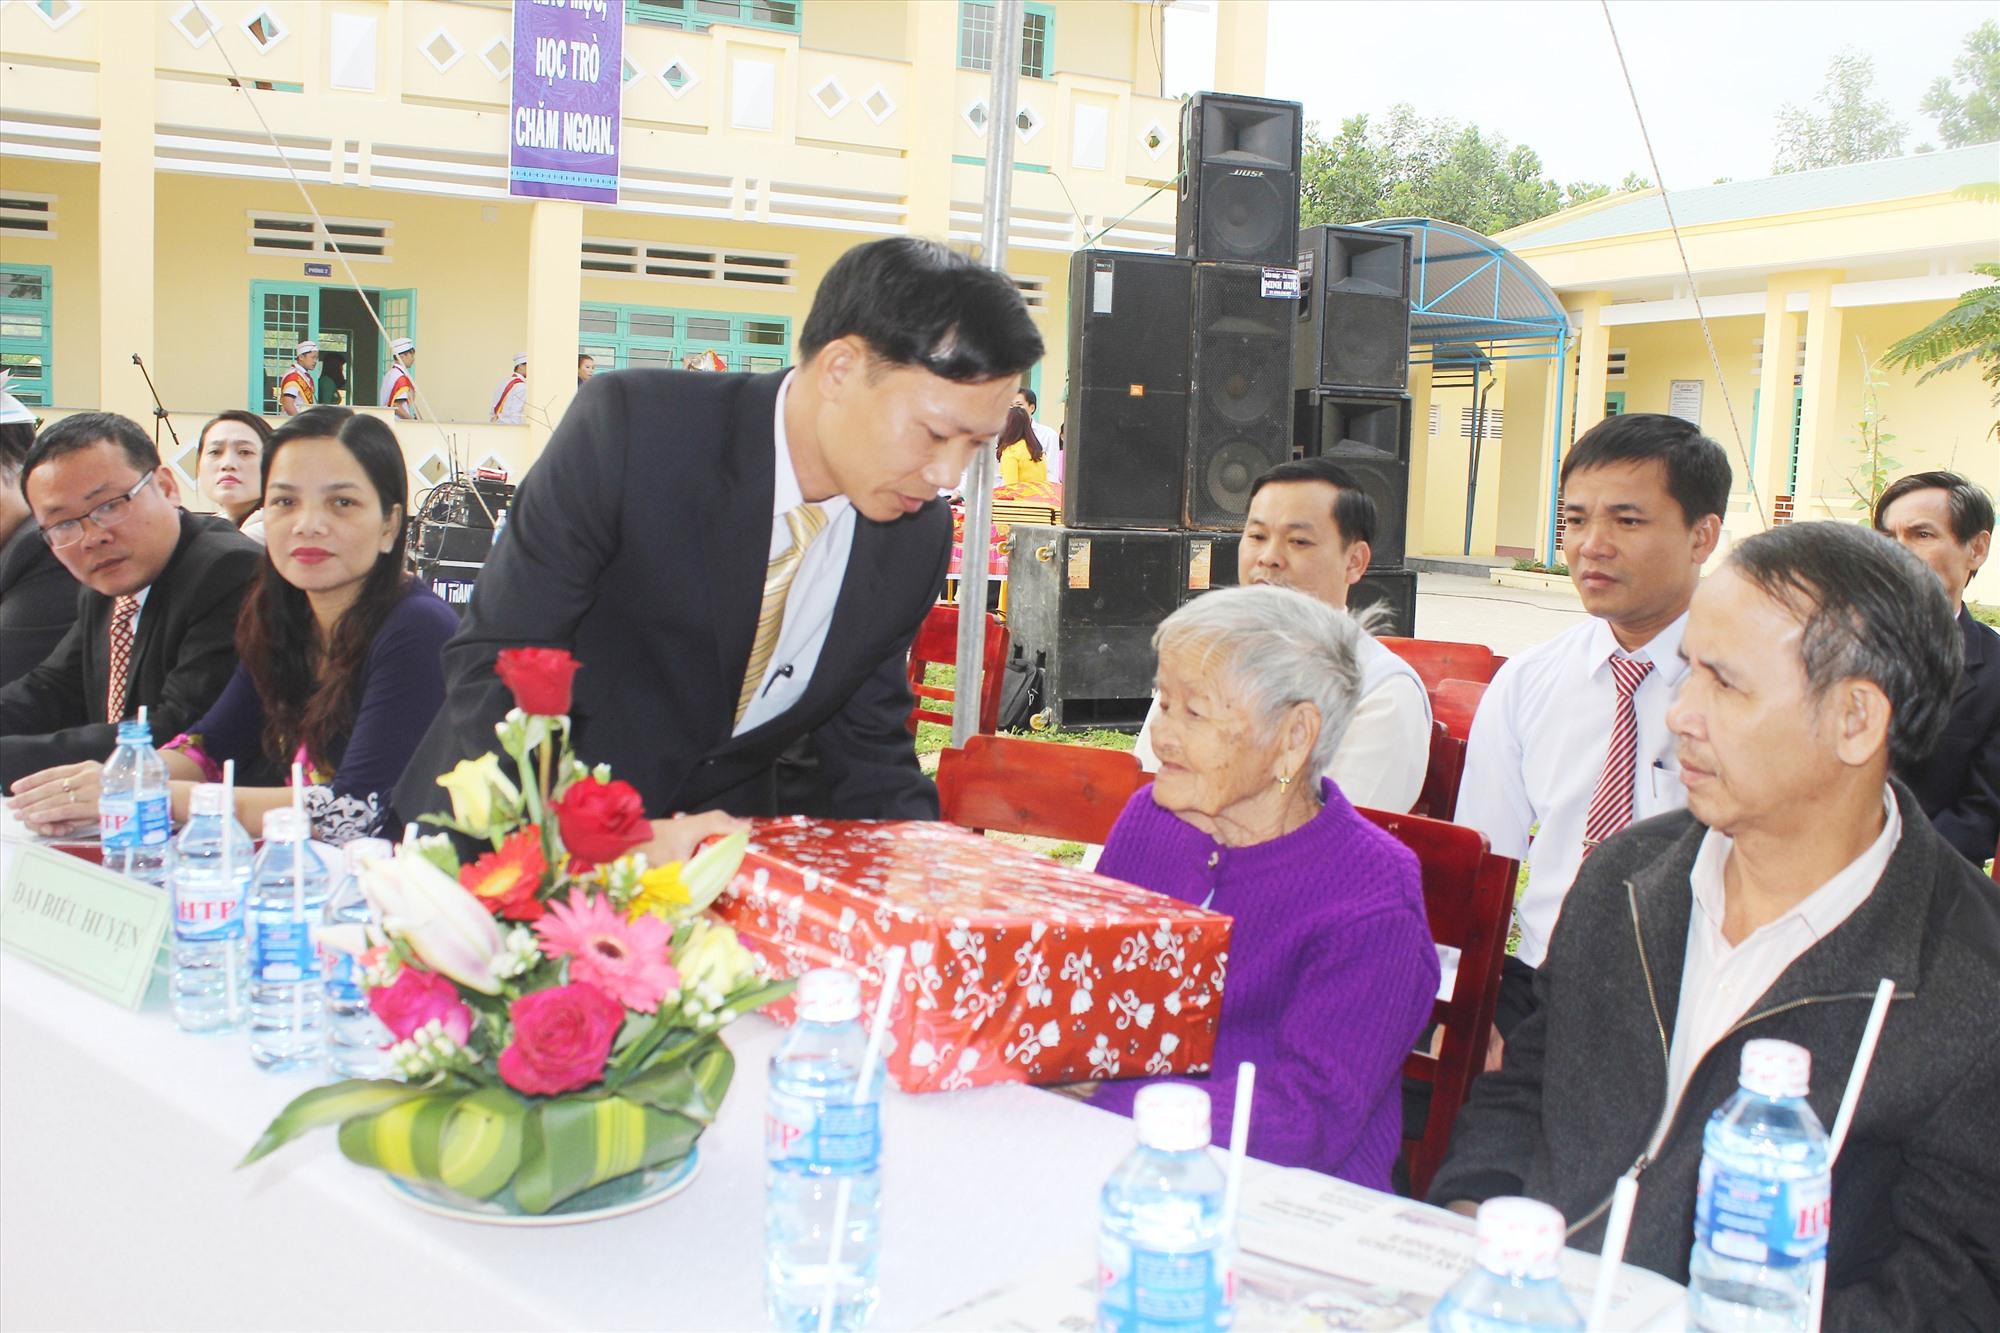 Bí thư Đảng ủy xã Tiên Phong Nguyễn Văn Ty tặng quà Bà mẹ Việt Nam anh hùng. Ảnh: D.L